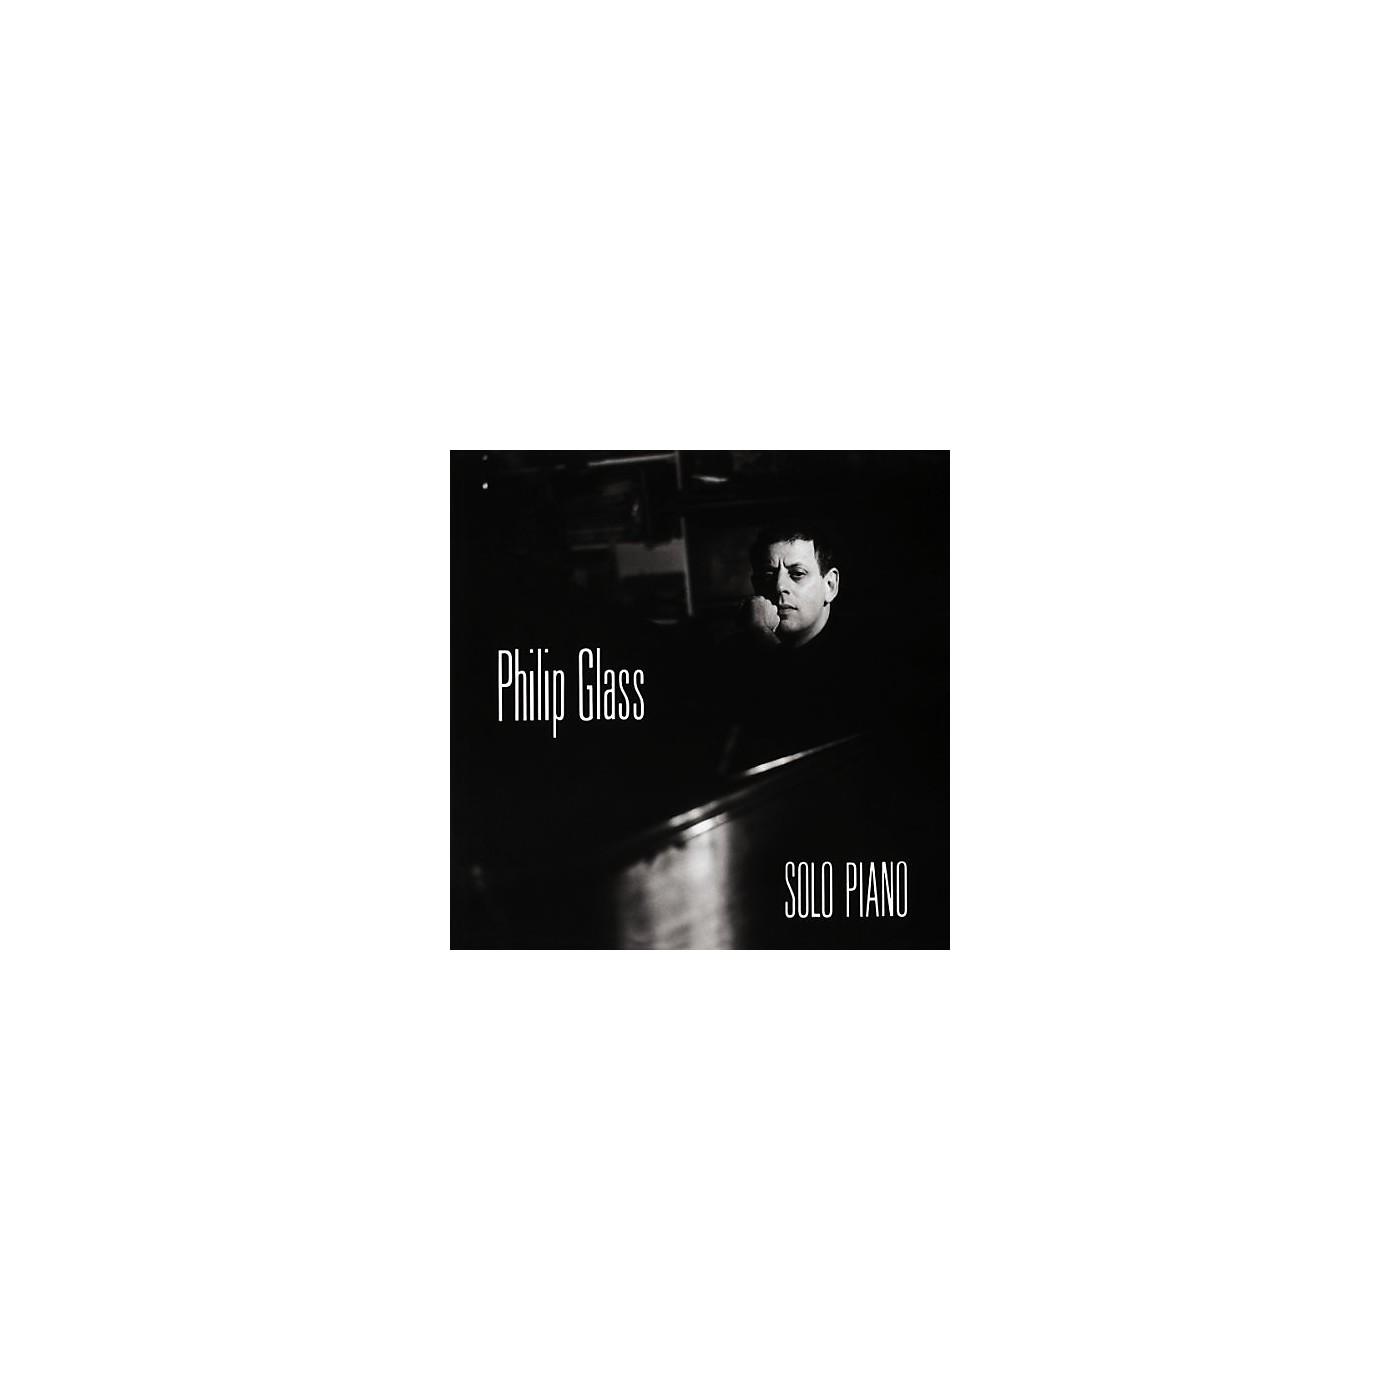 Alliance Philip Glass - Glas, Philip : Solo Piano thumbnail